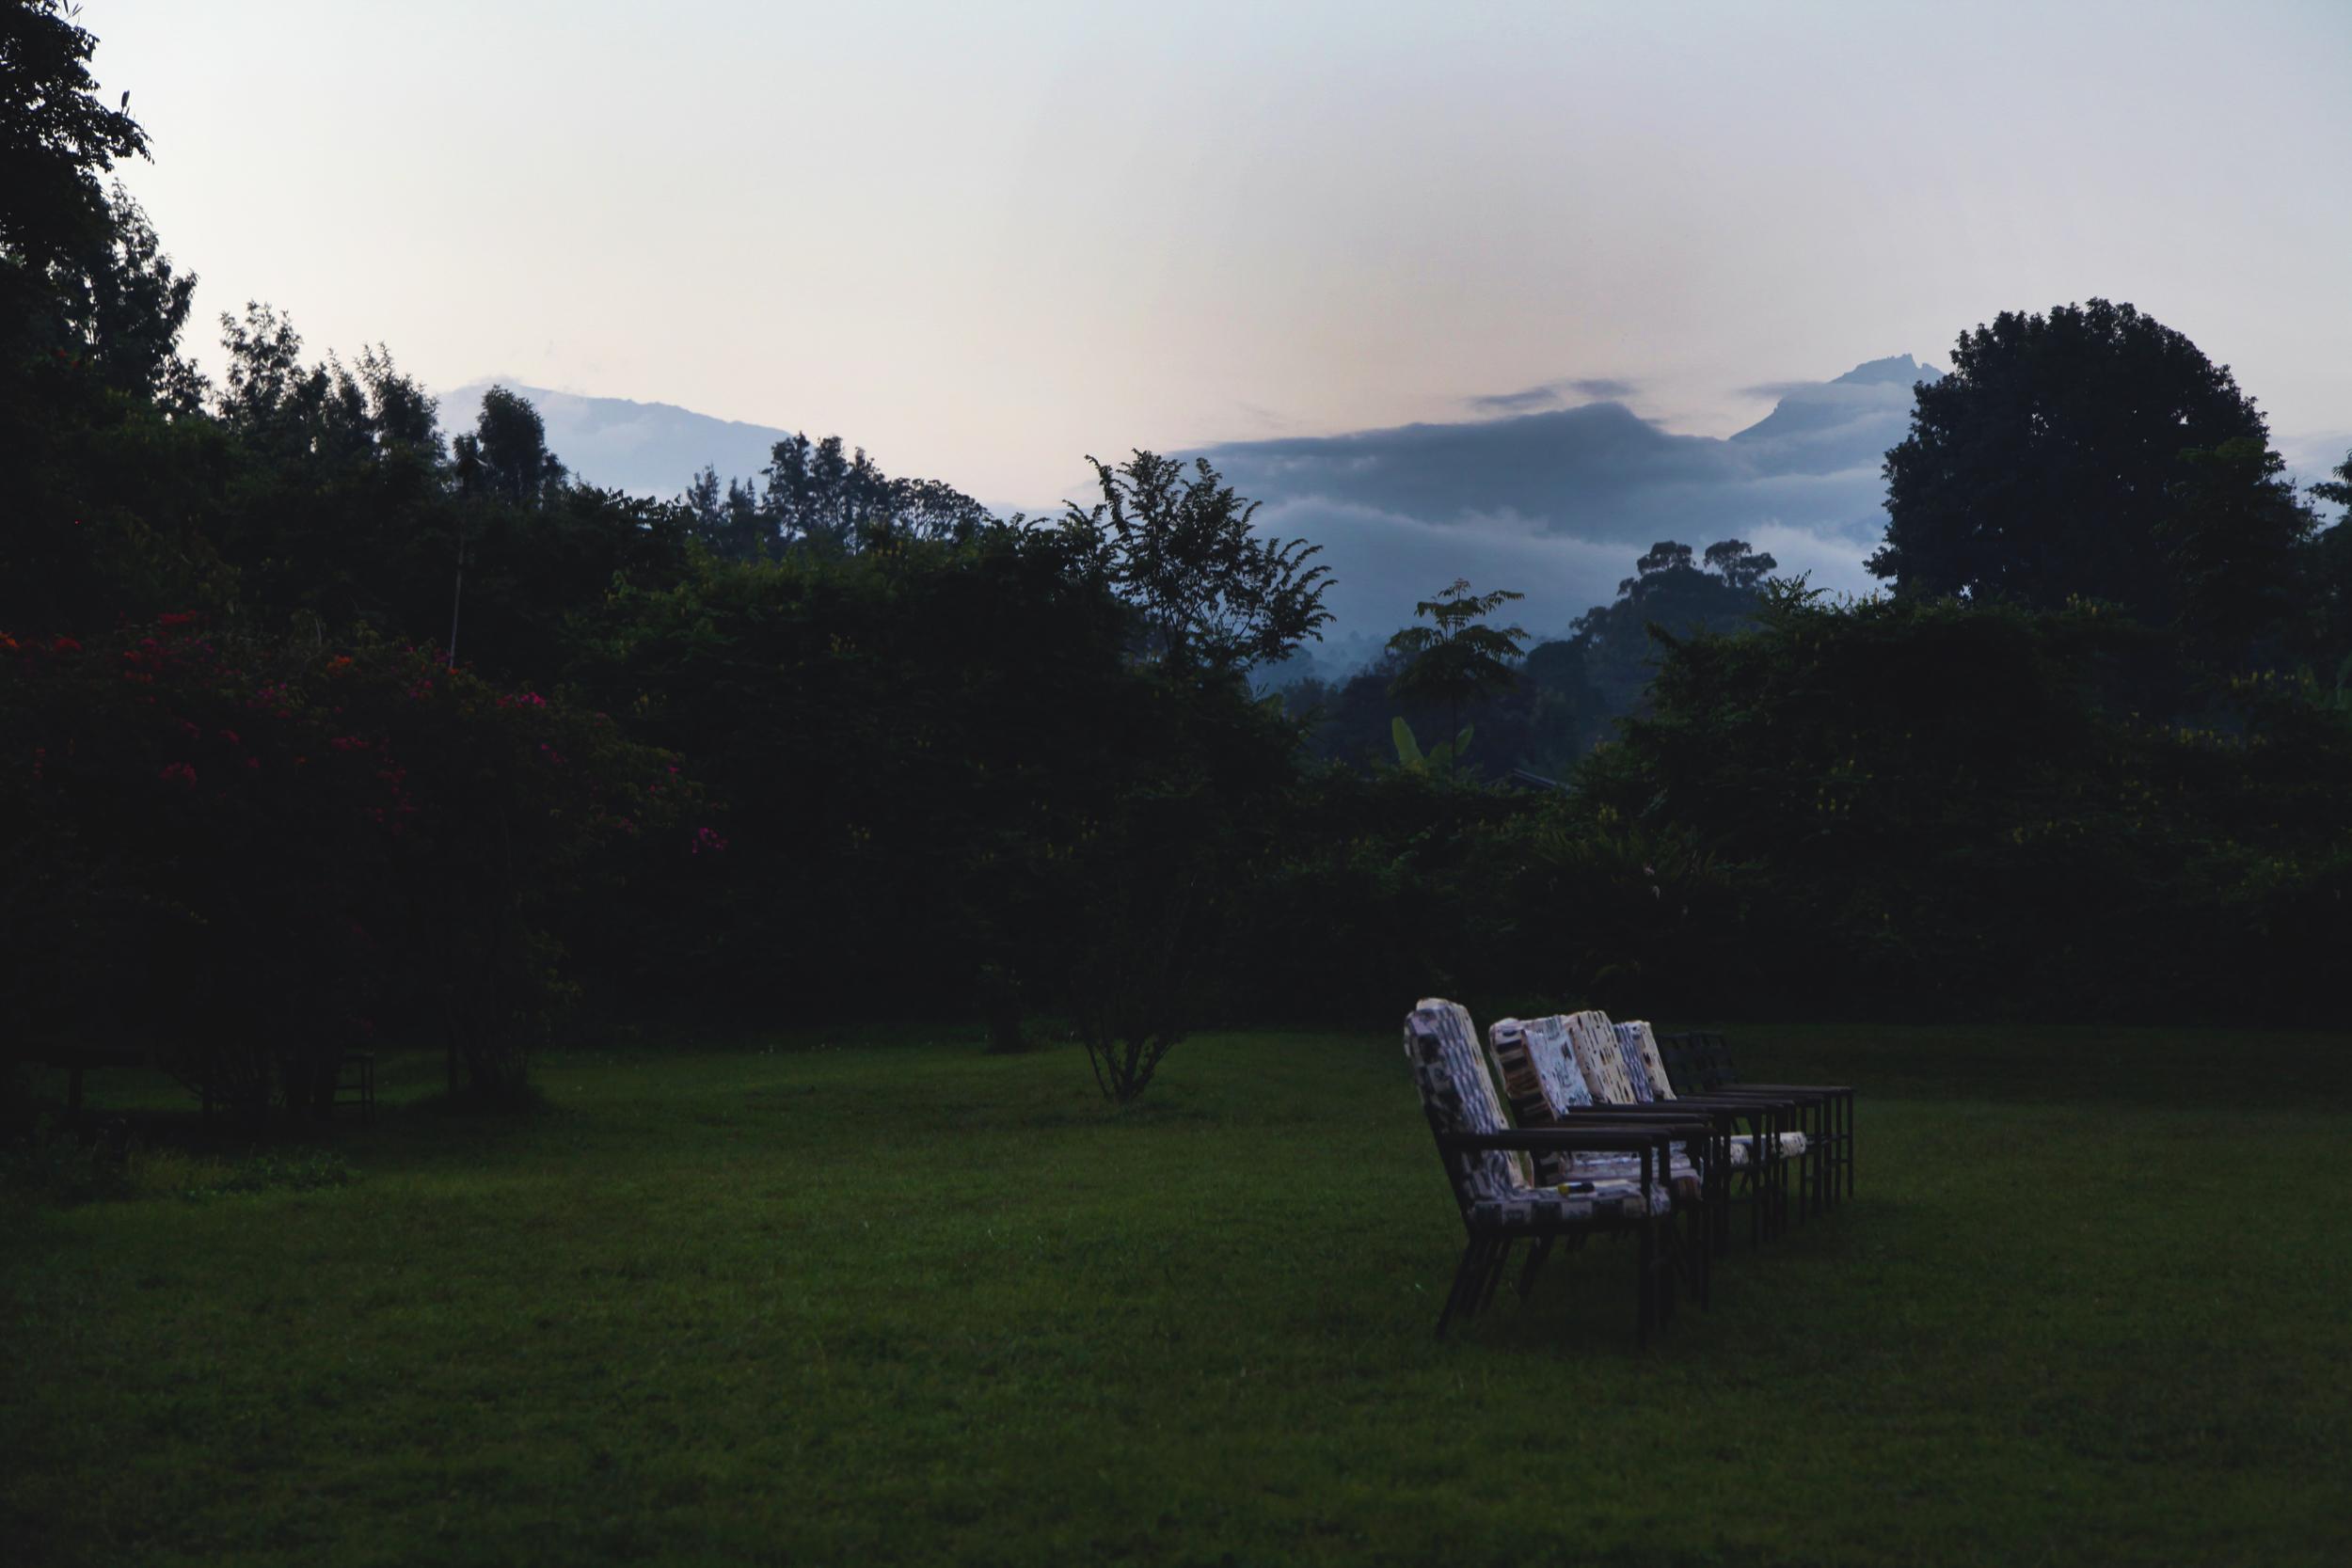 Kibo and Mawenzi peaks from Hotel Marangu, Moshi, Tanzania